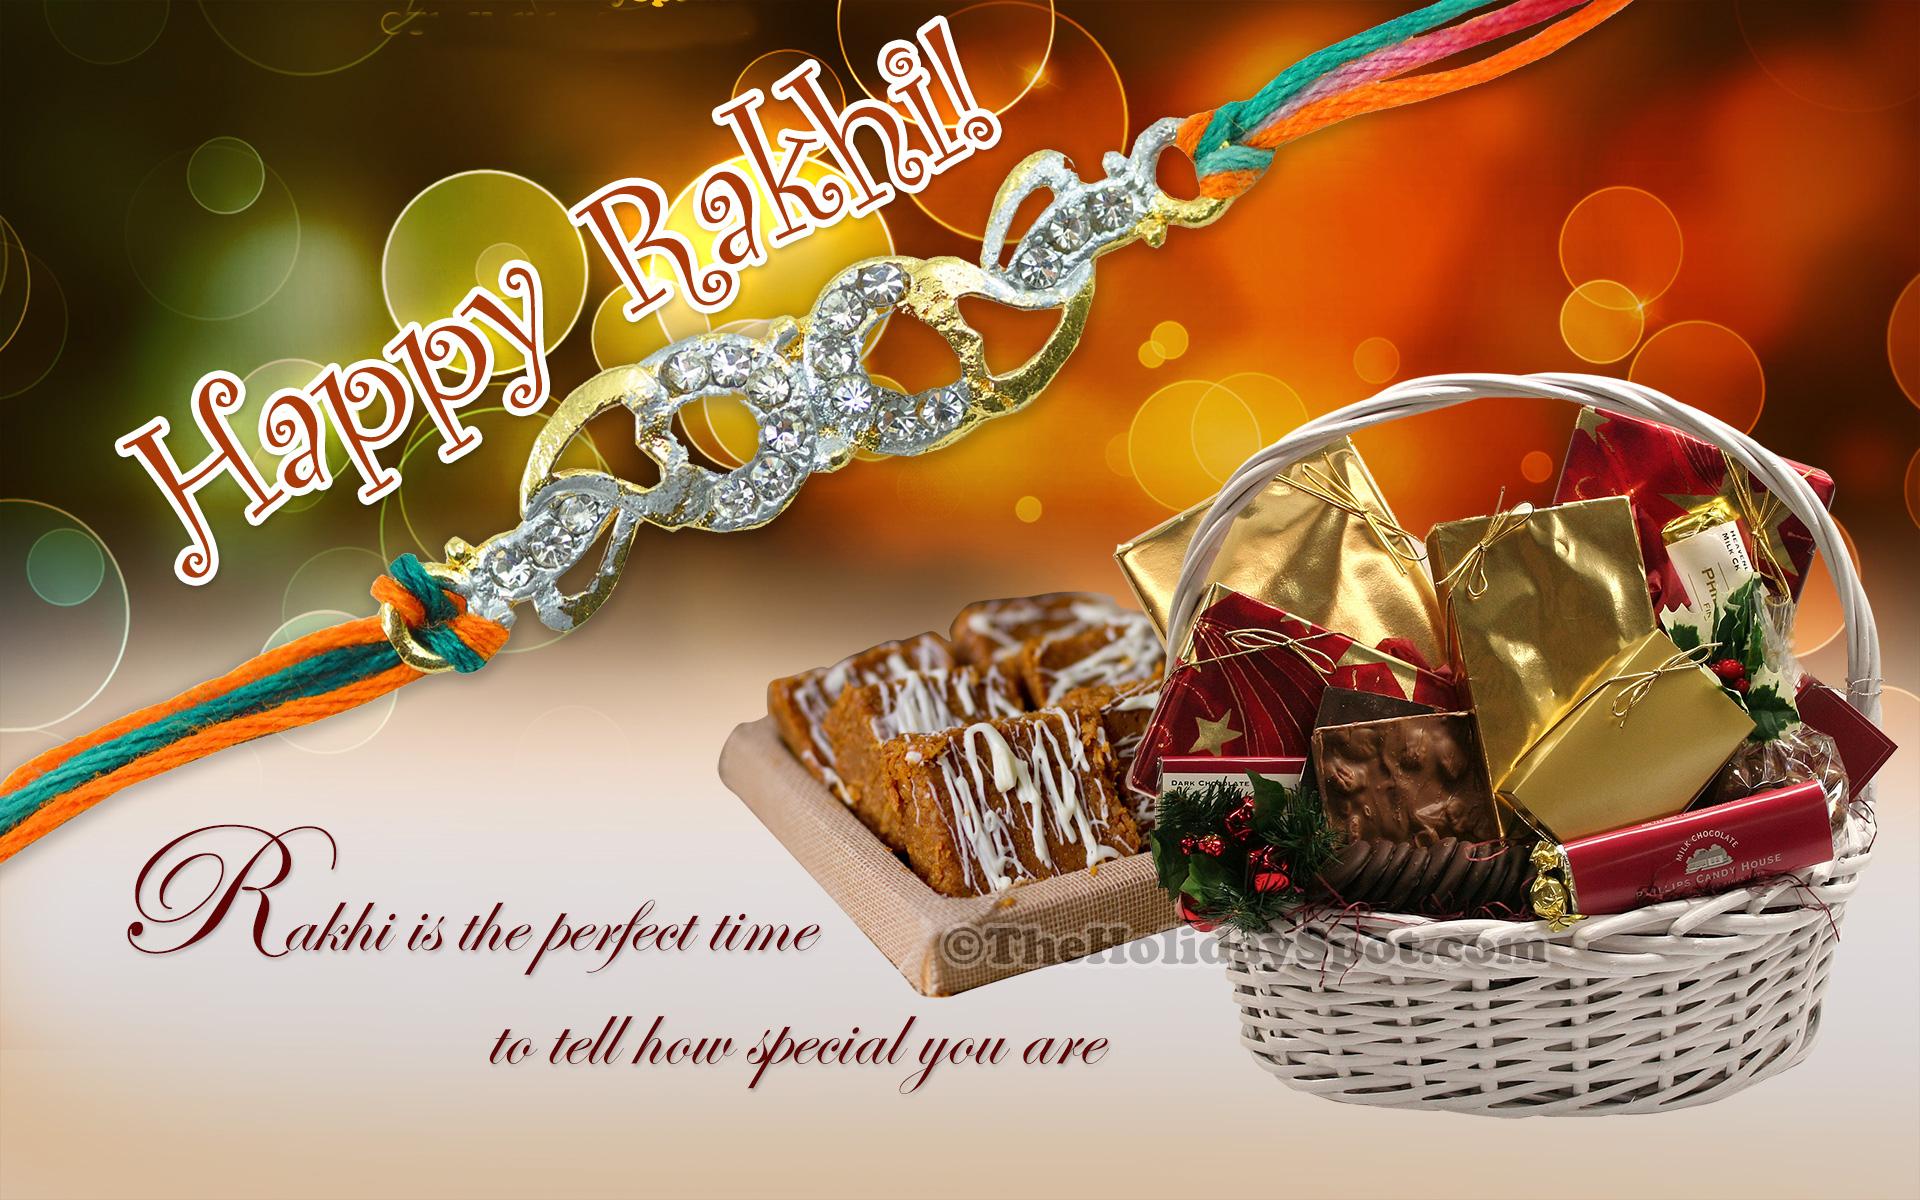 2018 Raksha Bandhan Greetings Card Images Pictures Photos In English